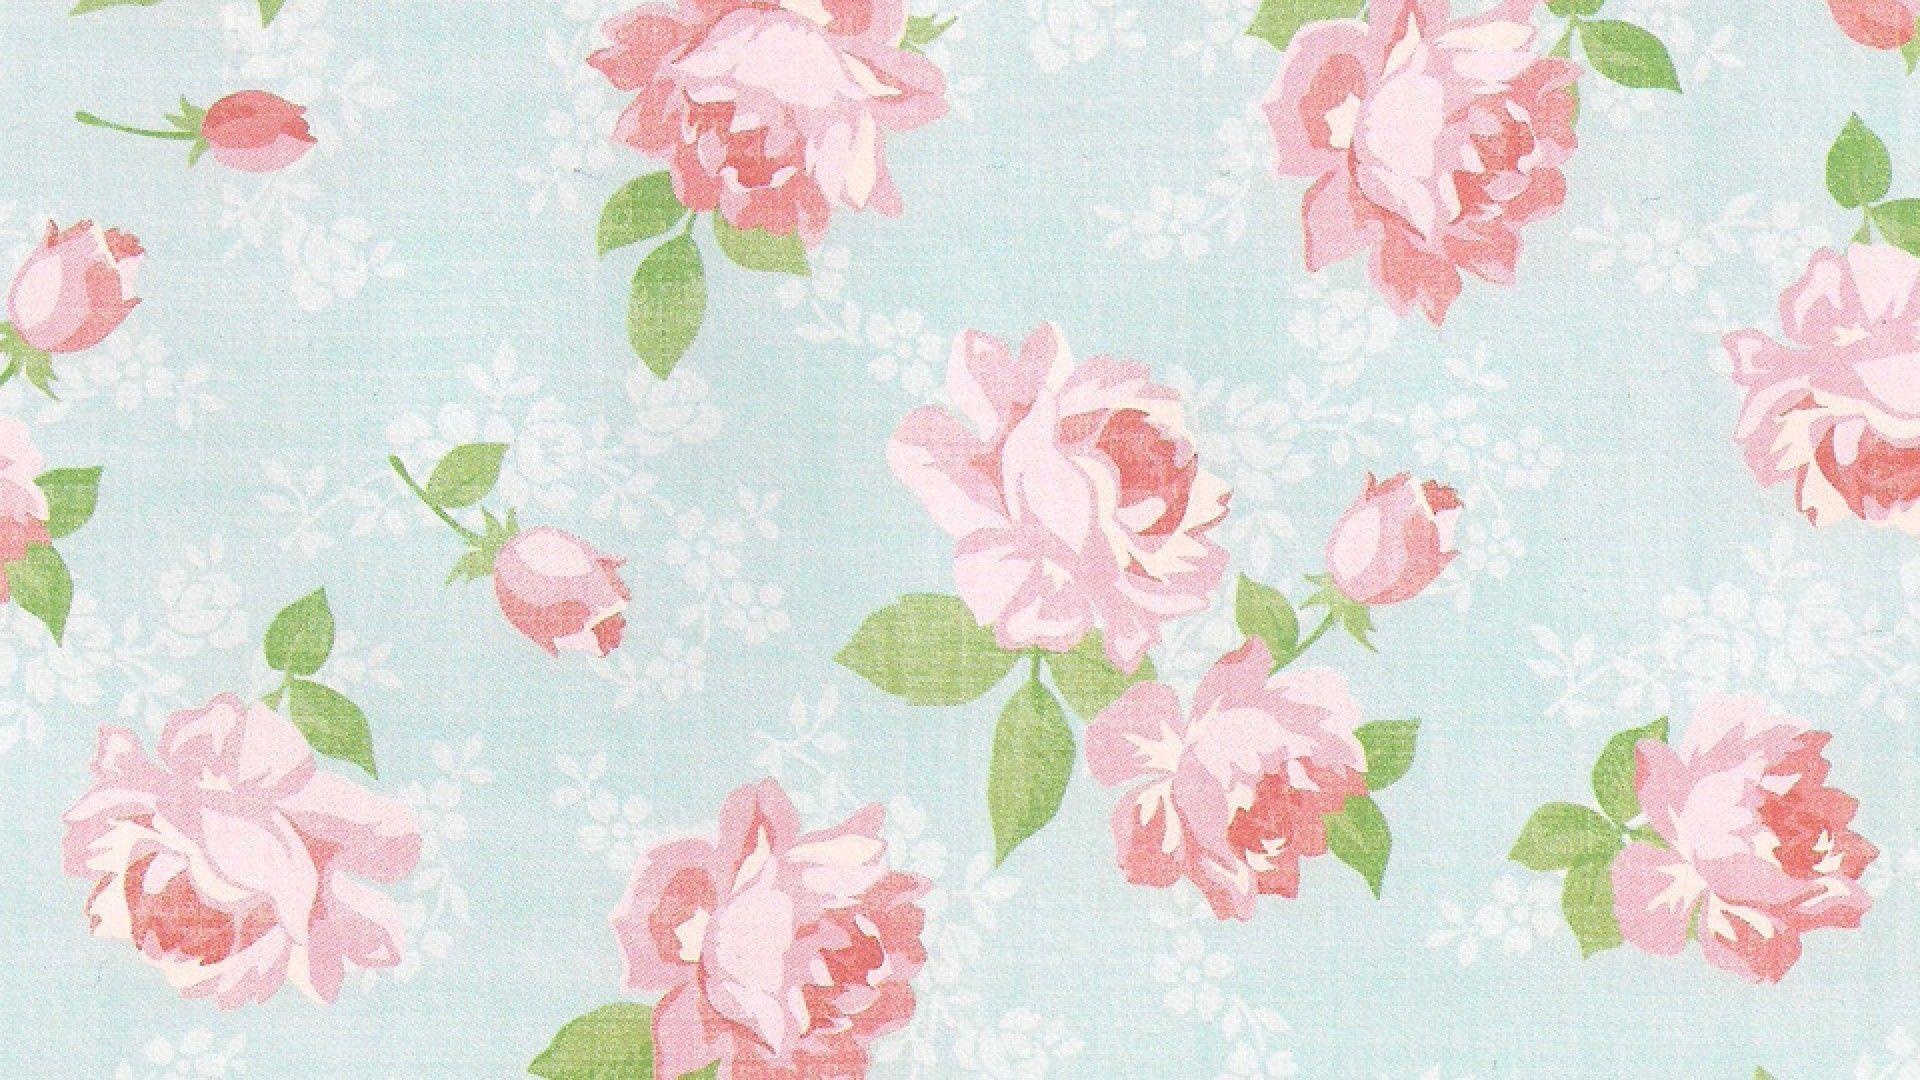 Tumblr Flowers Desktop Wallpapers Top Free Tumblr Flowers Desktop